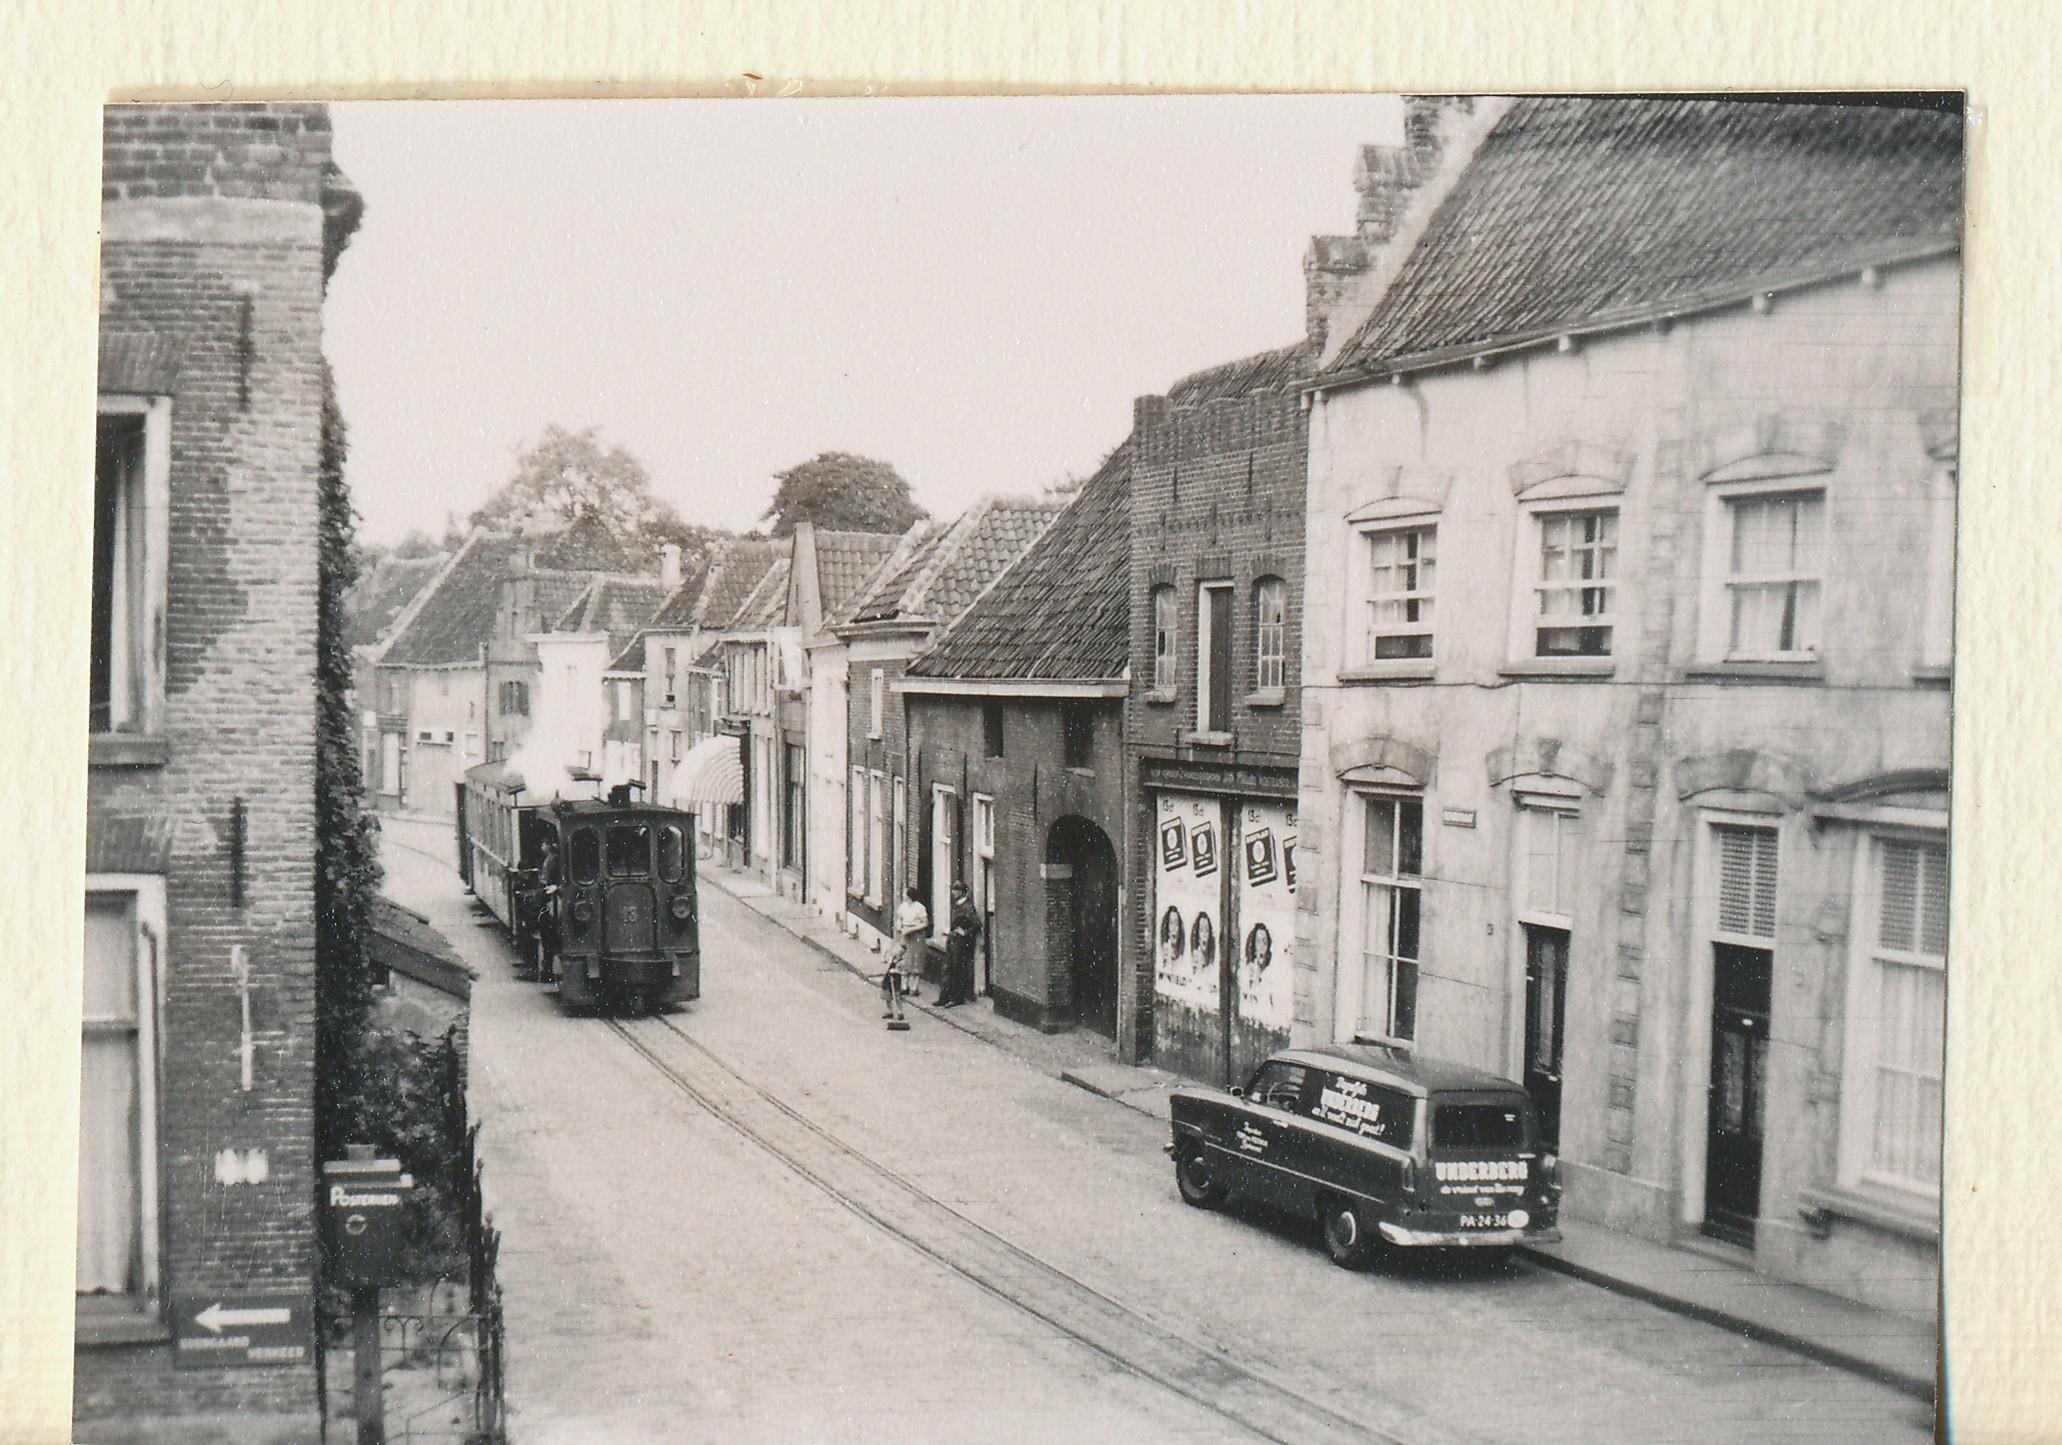 https://www.liemersverleden.nl/wp-content/uploads/2018/10/Tram-in-Doesburg-01.jpg